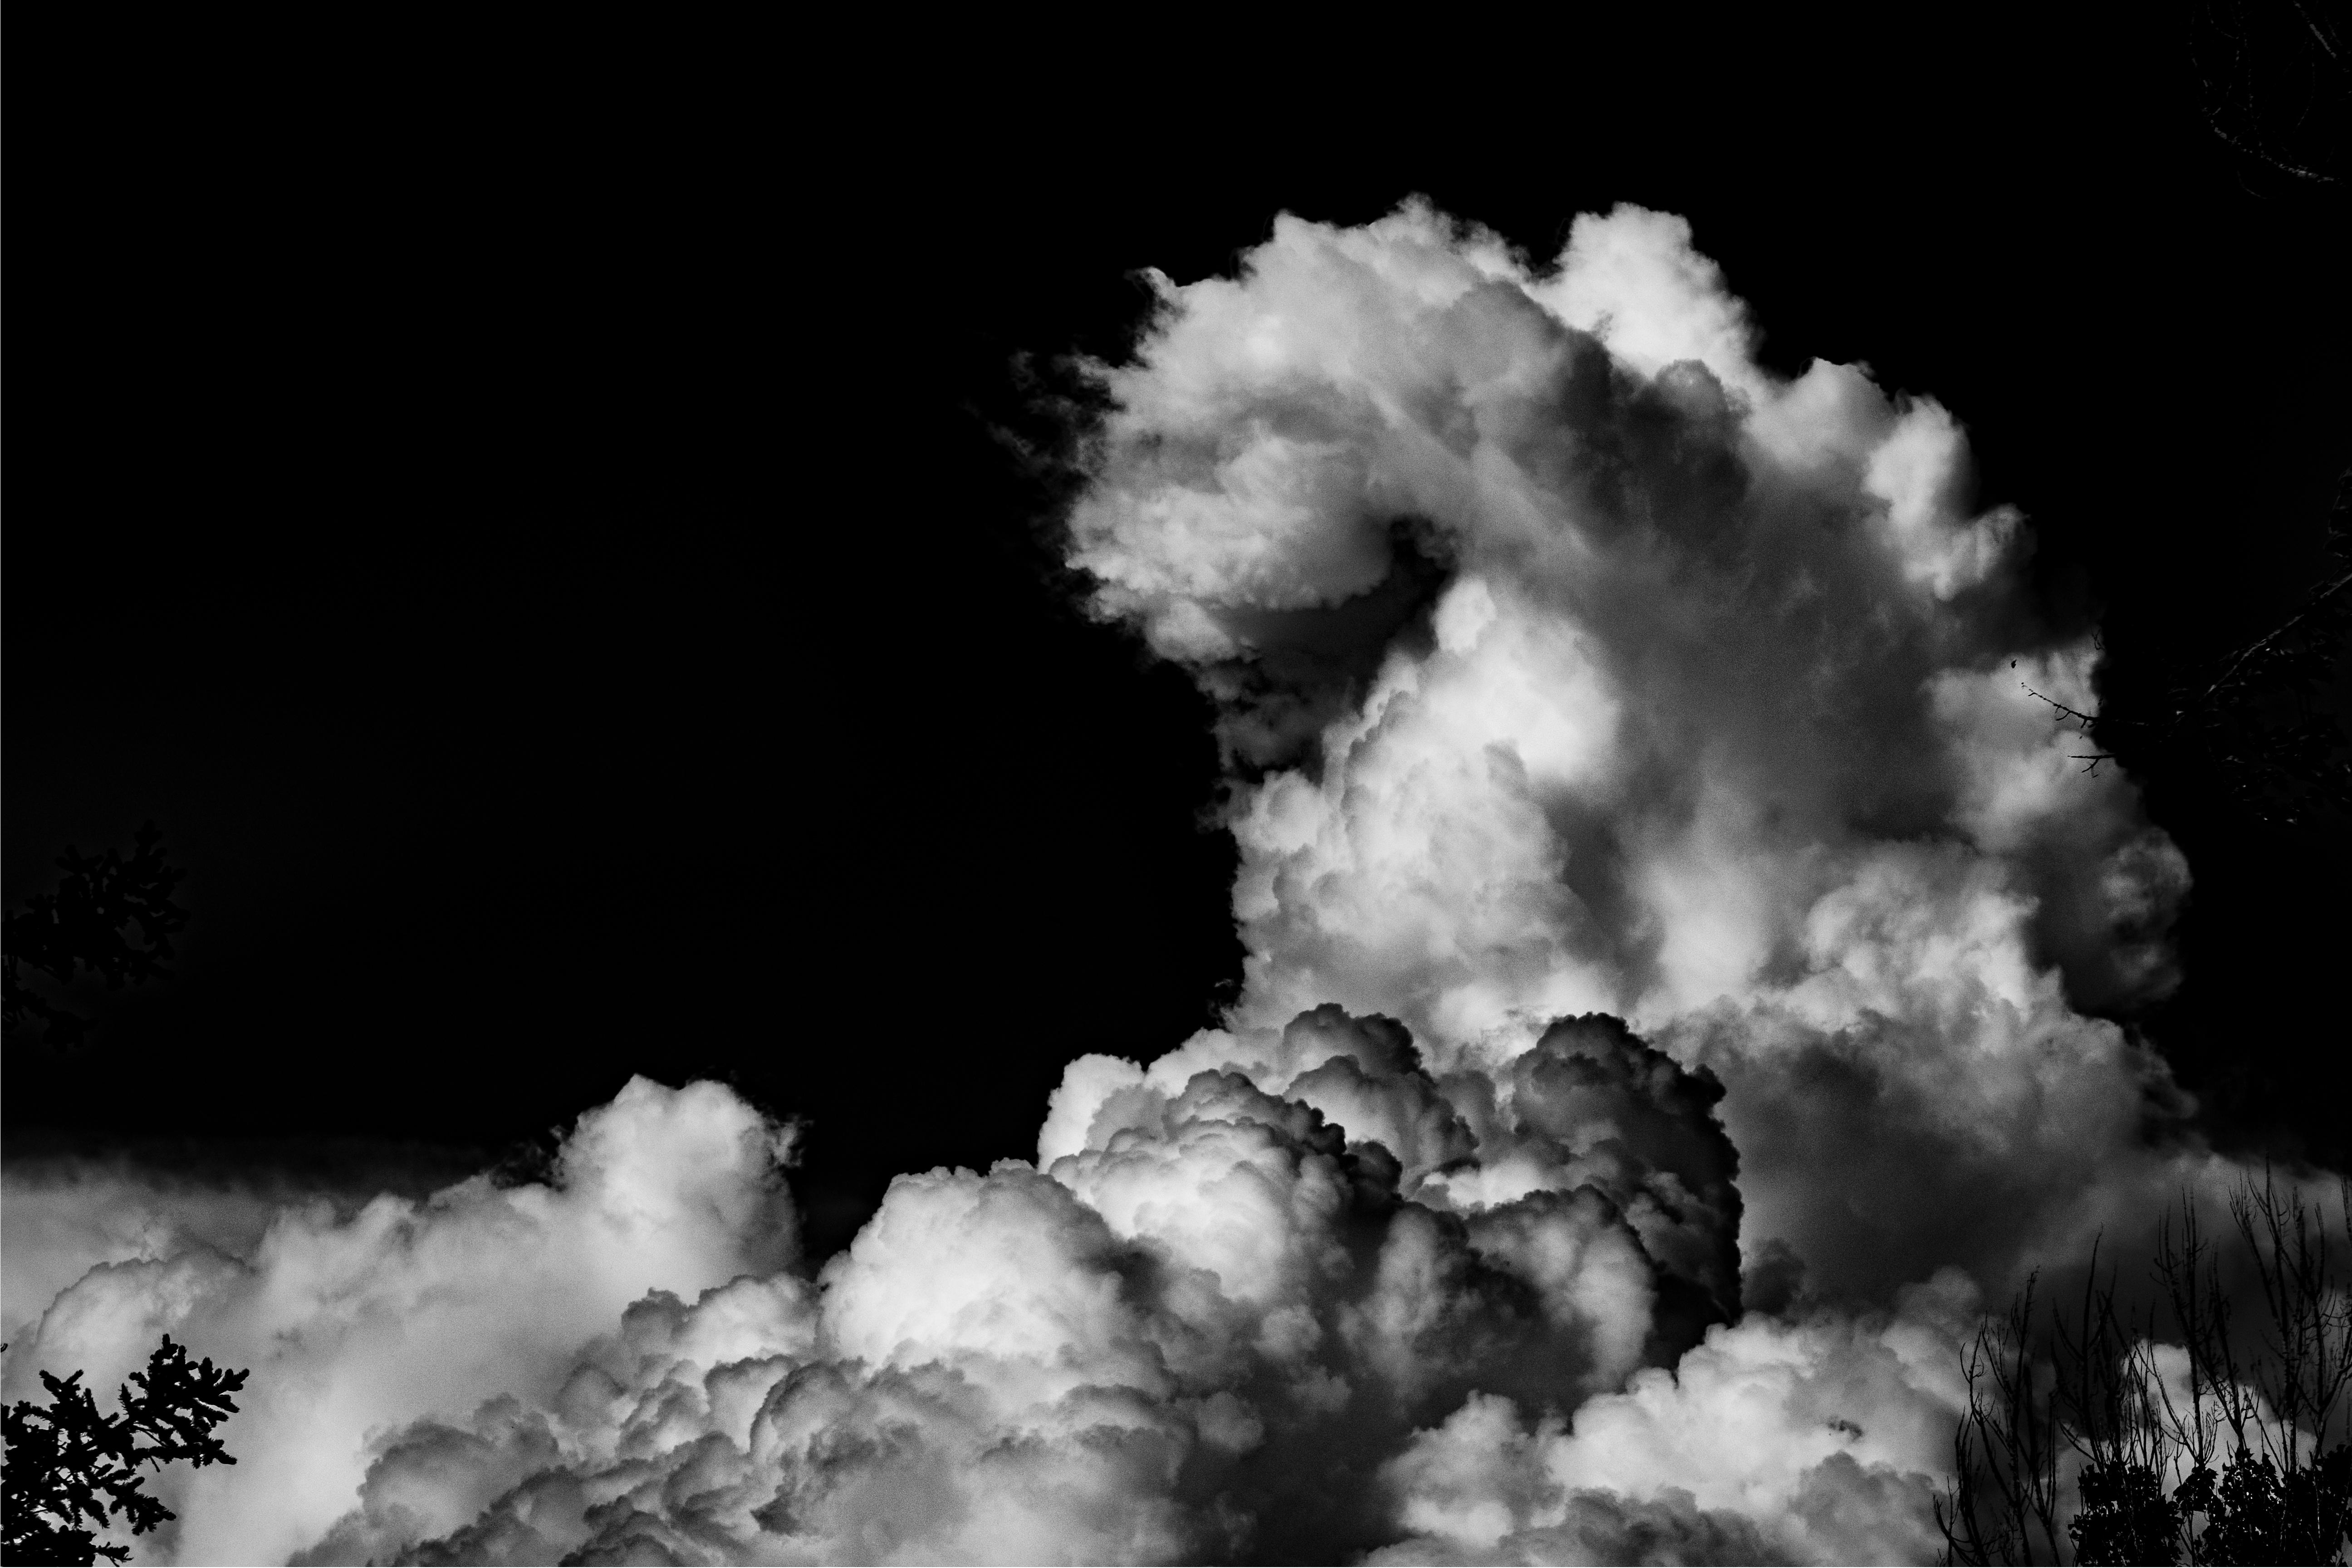 images gratuites nuage noir et blanc ciel atmosph re fum e cumulus obscurit monochrome. Black Bedroom Furniture Sets. Home Design Ideas